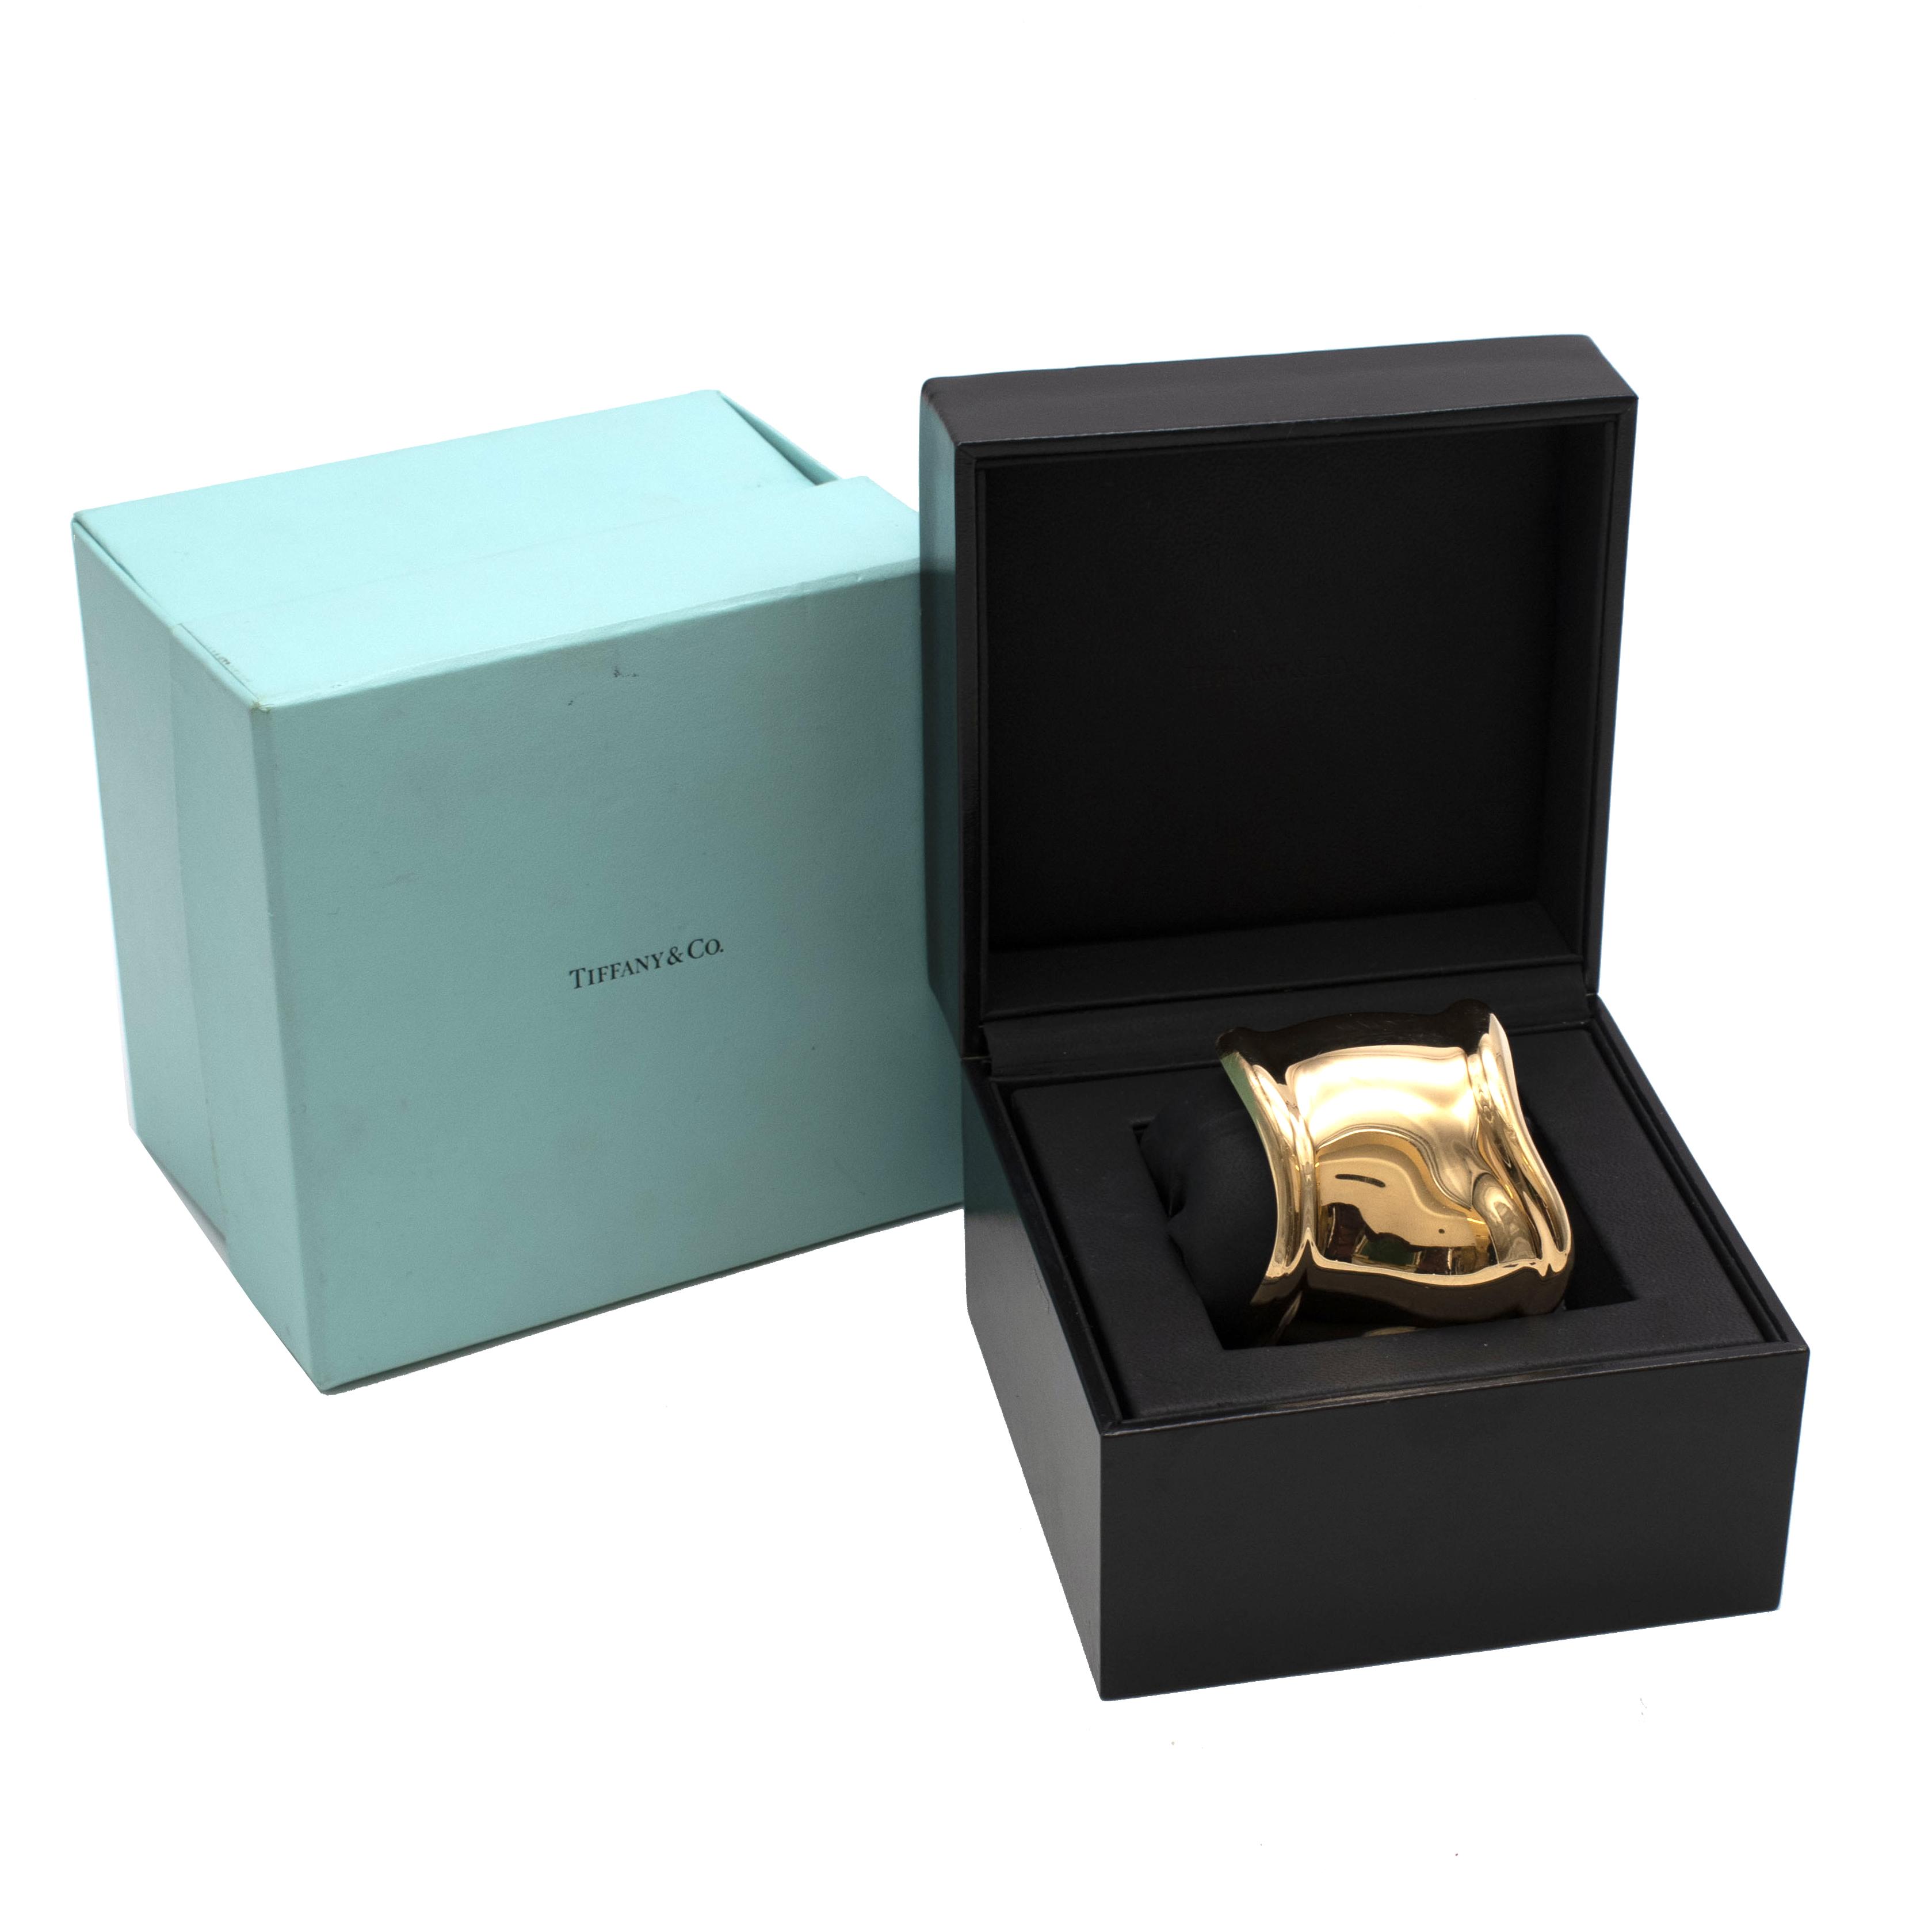 Tiffany & Co By Elsa Peretti 18K Gold Medium Bone Cuff